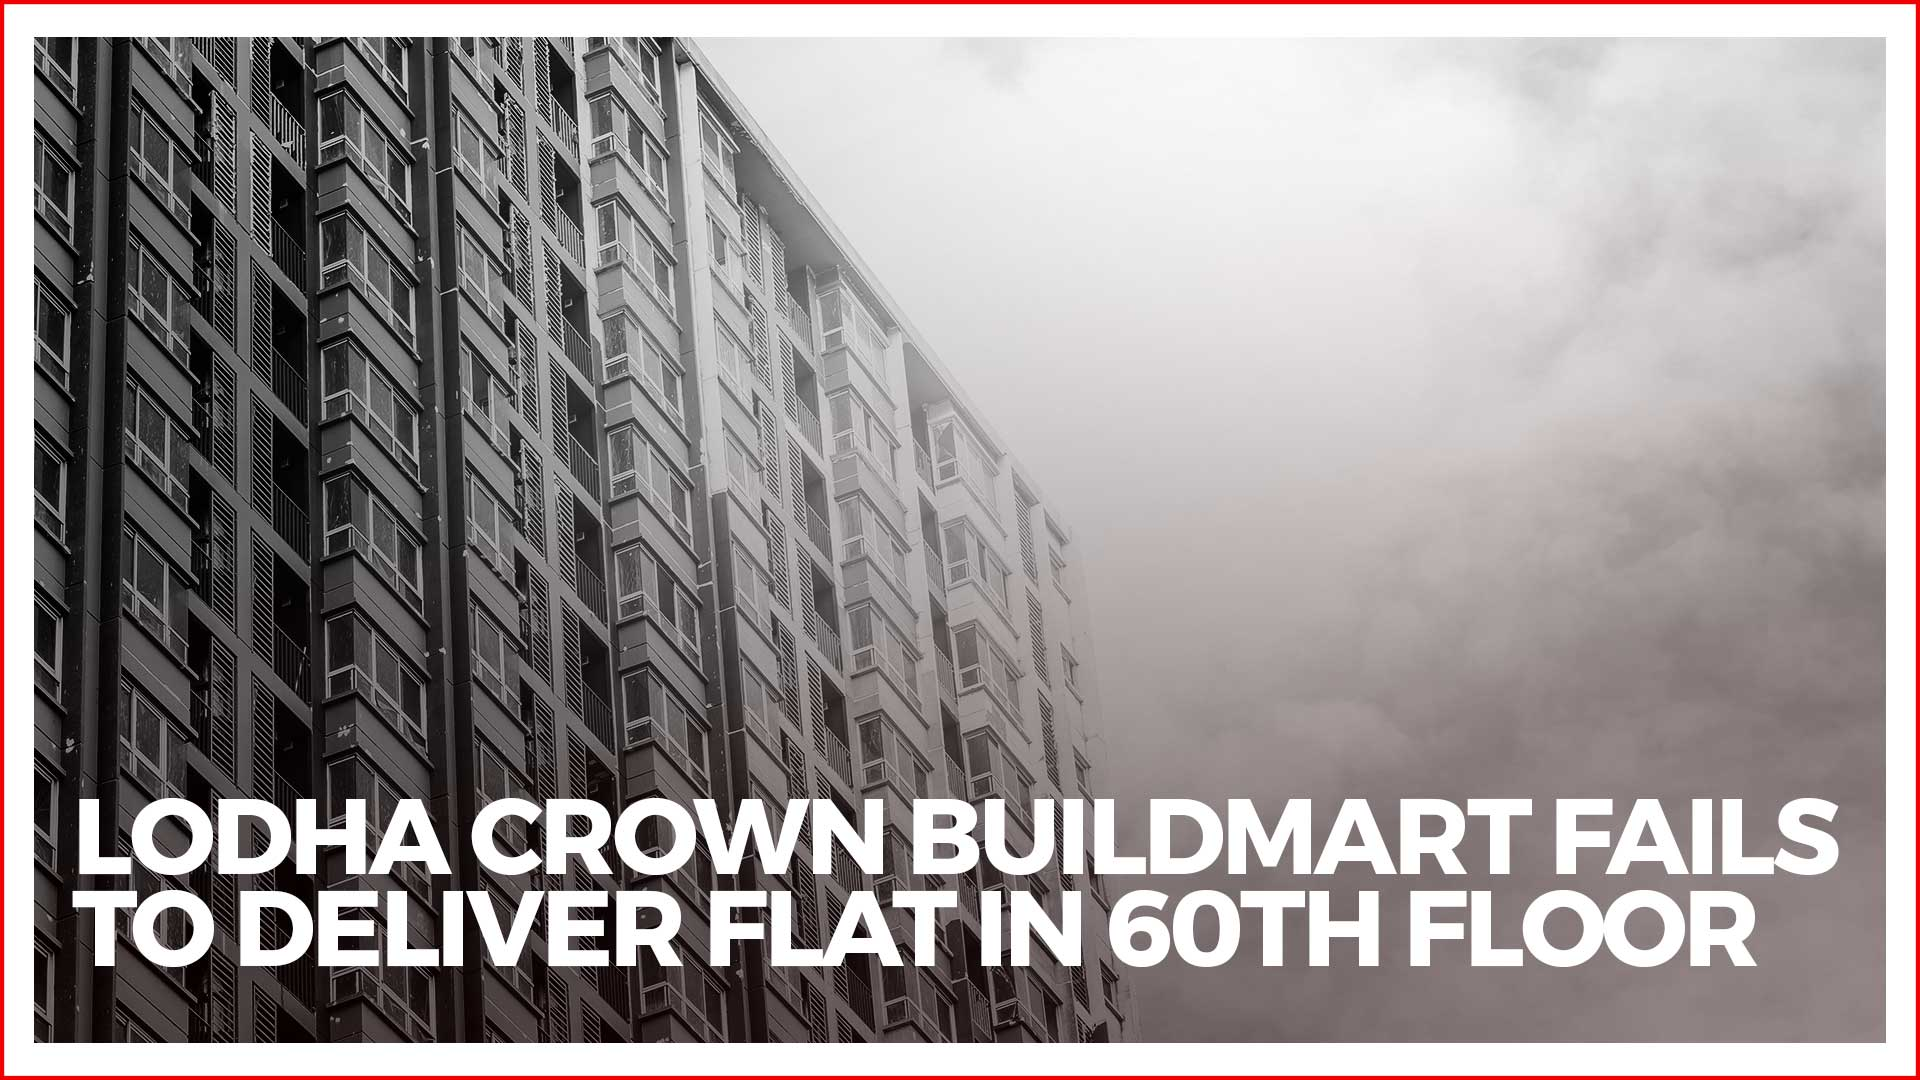 Lodha Crown Buildmart